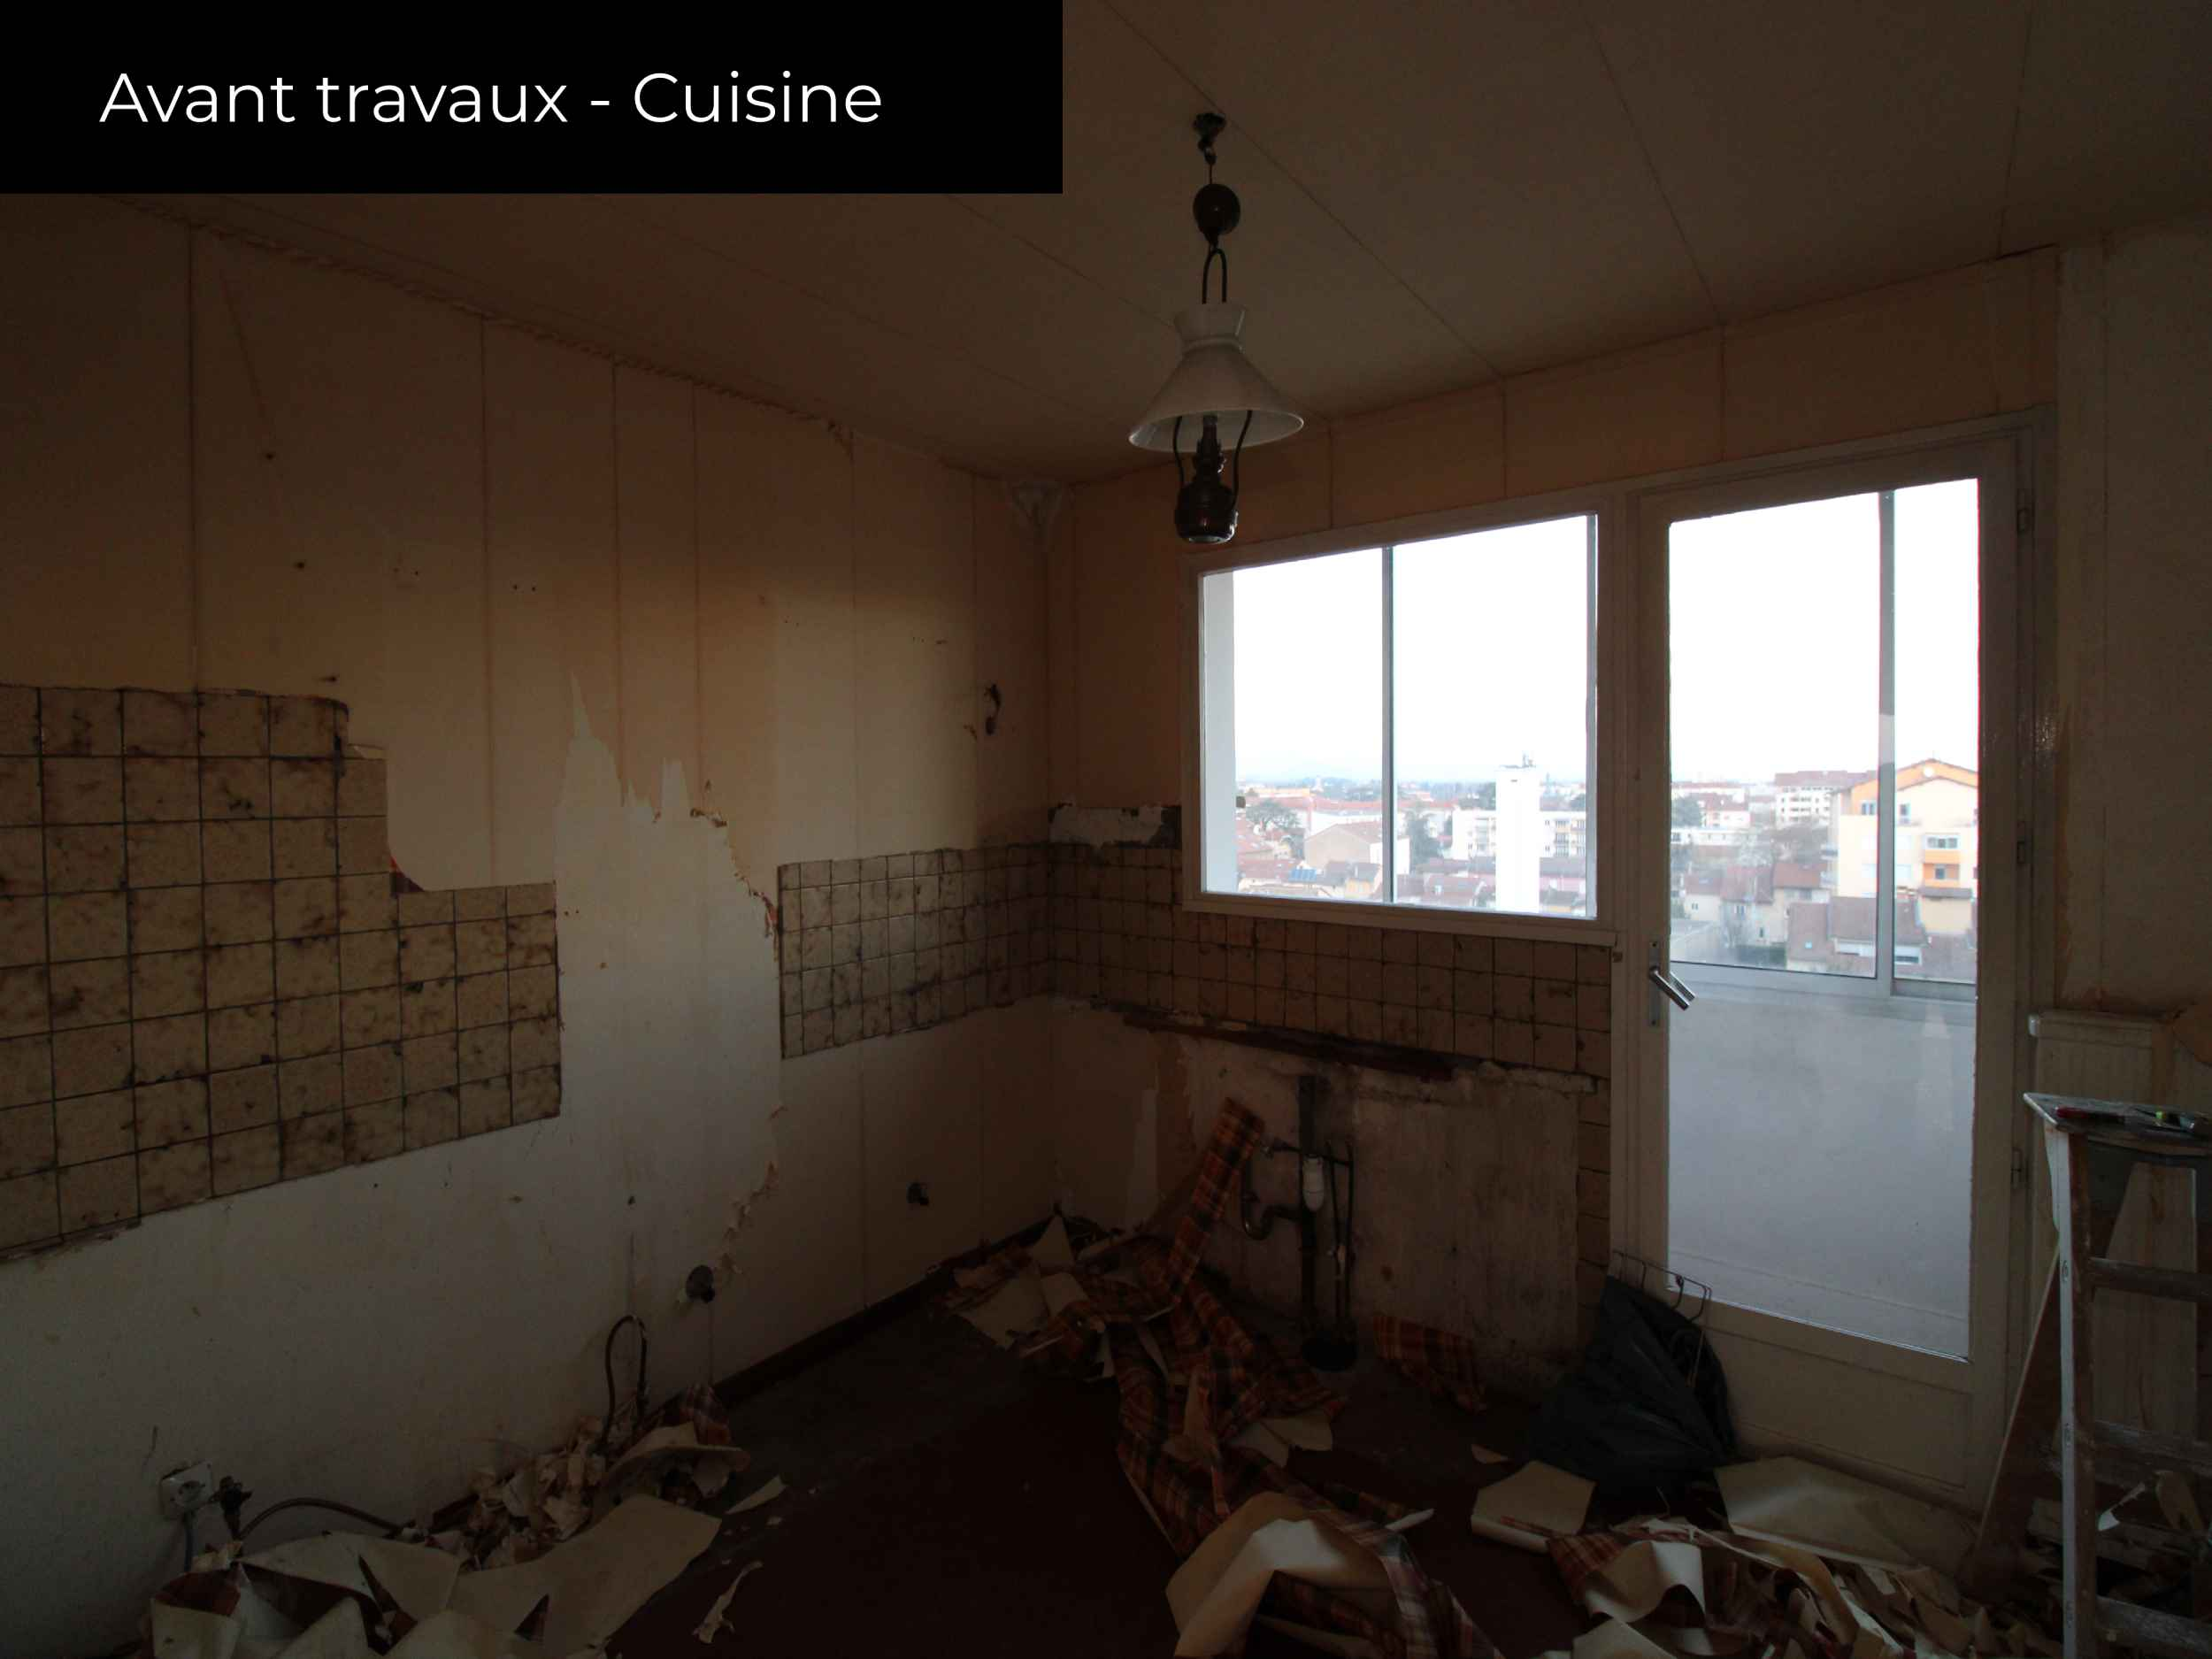 renovation-appartement-lyon-cuisine-avant-3